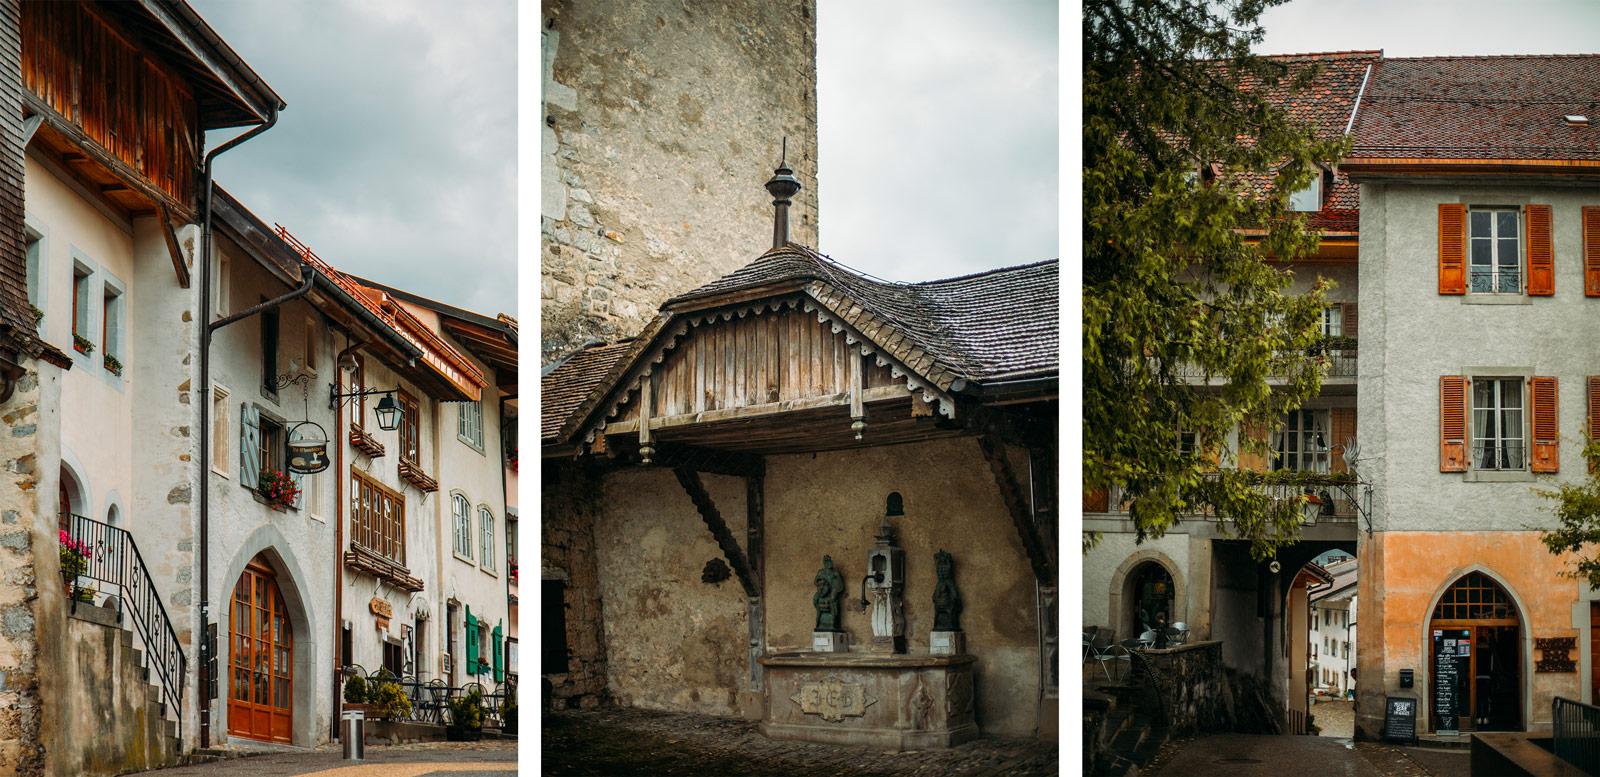 que voir à Gruyères en Suisse ?